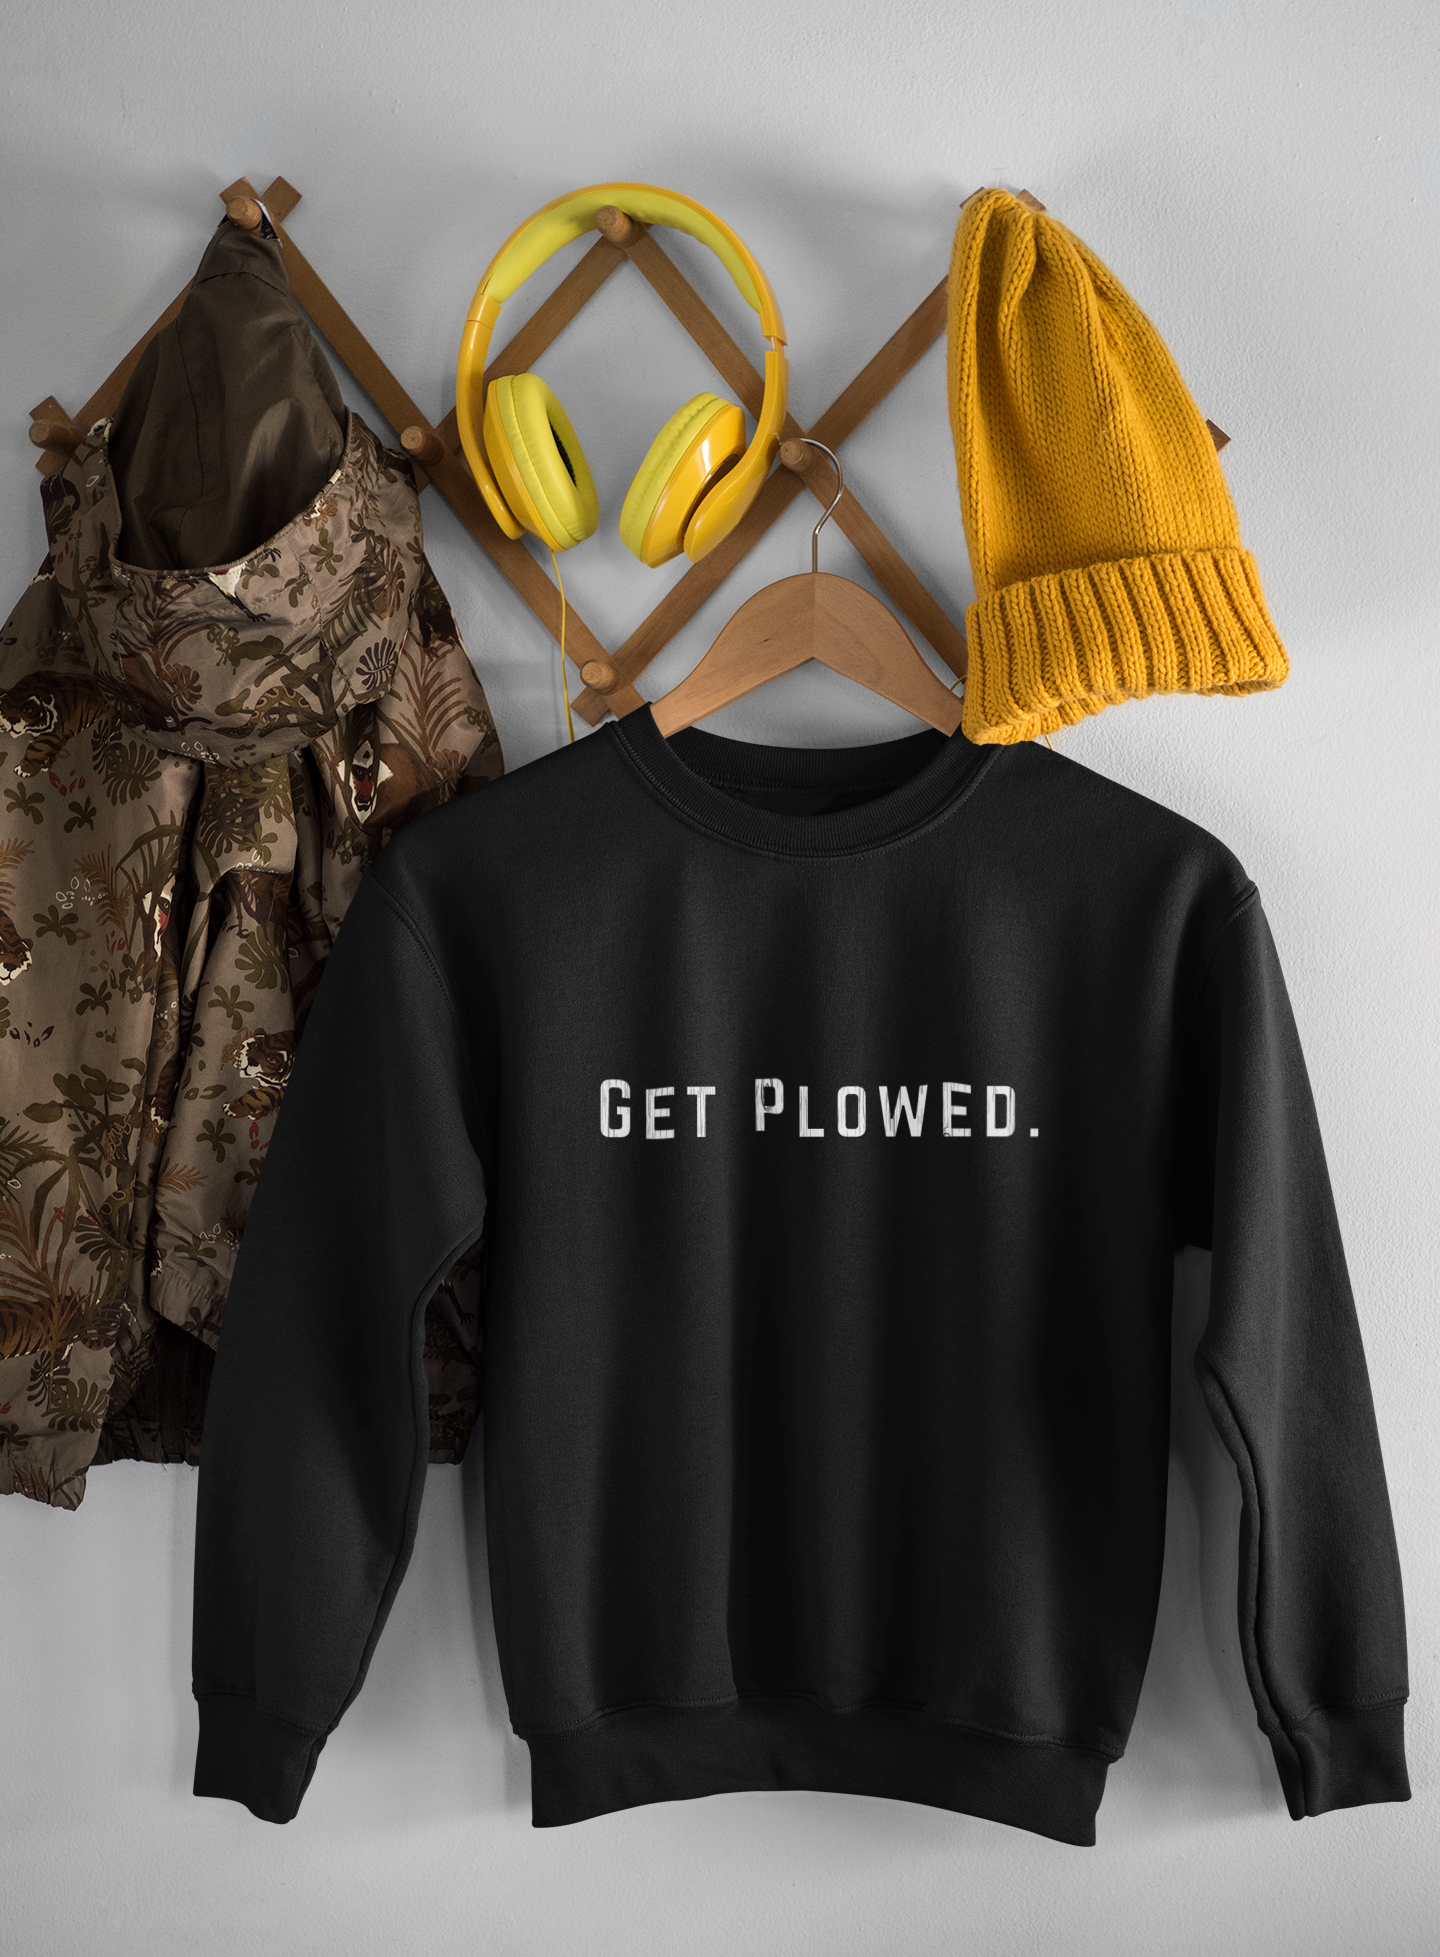 NHPIAT GET PLOWED 2-side SweatShirt